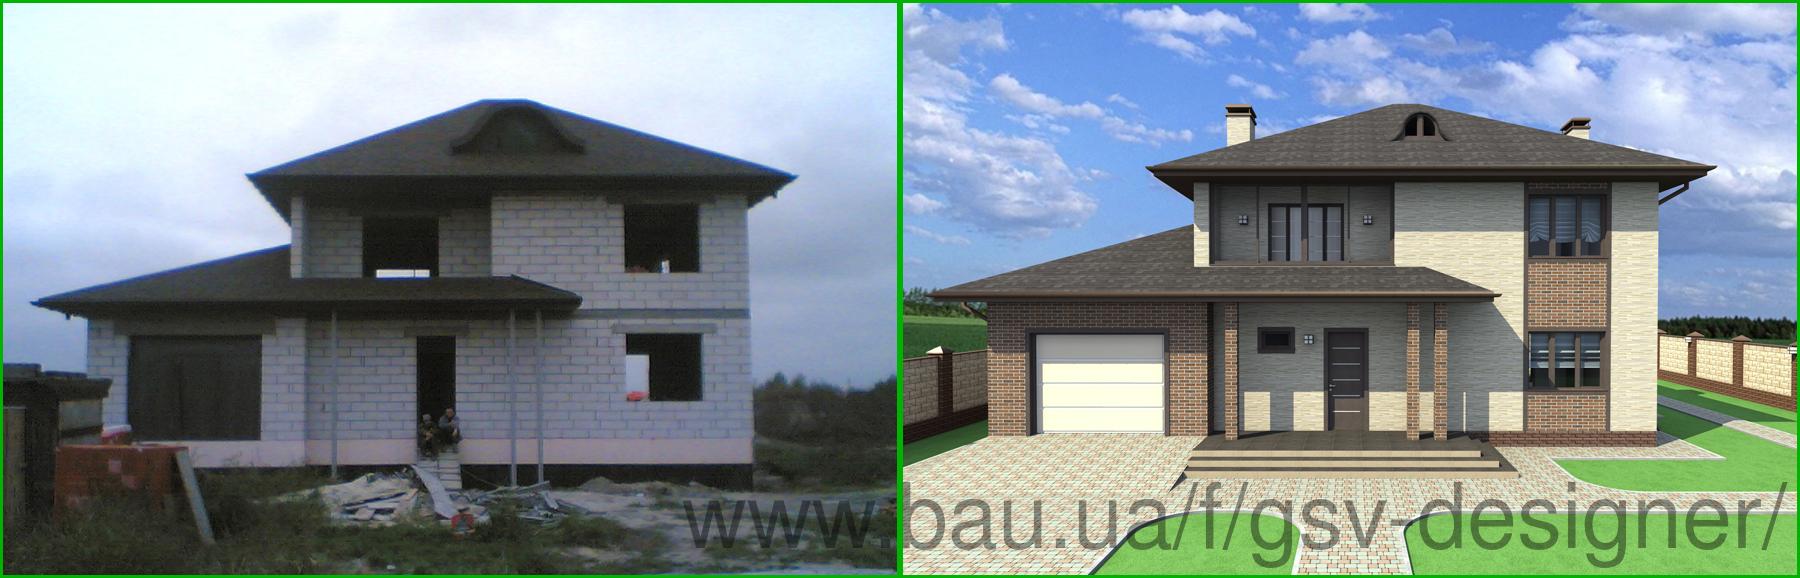 Дизайн фасада (экстерьер) с визуализацией и чертежами.